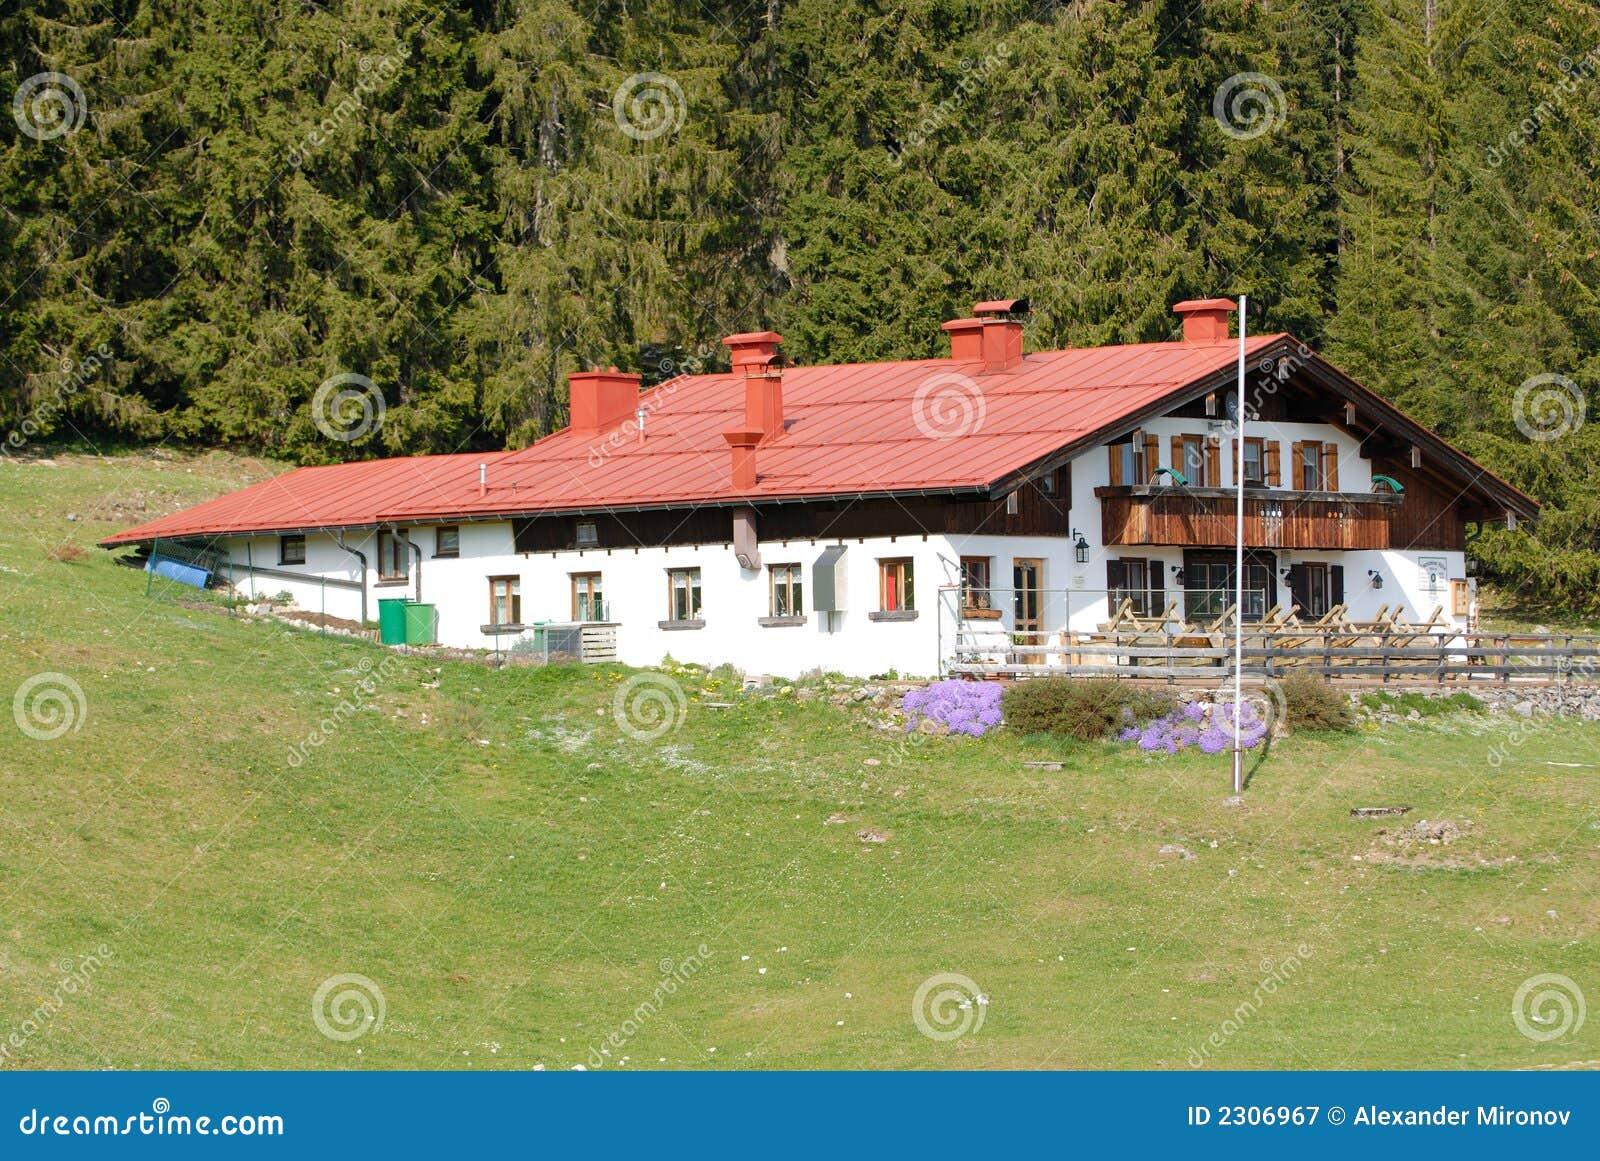 bayerisches haus rotes dach lizenzfreie stockfotografie bild 2306967. Black Bedroom Furniture Sets. Home Design Ideas